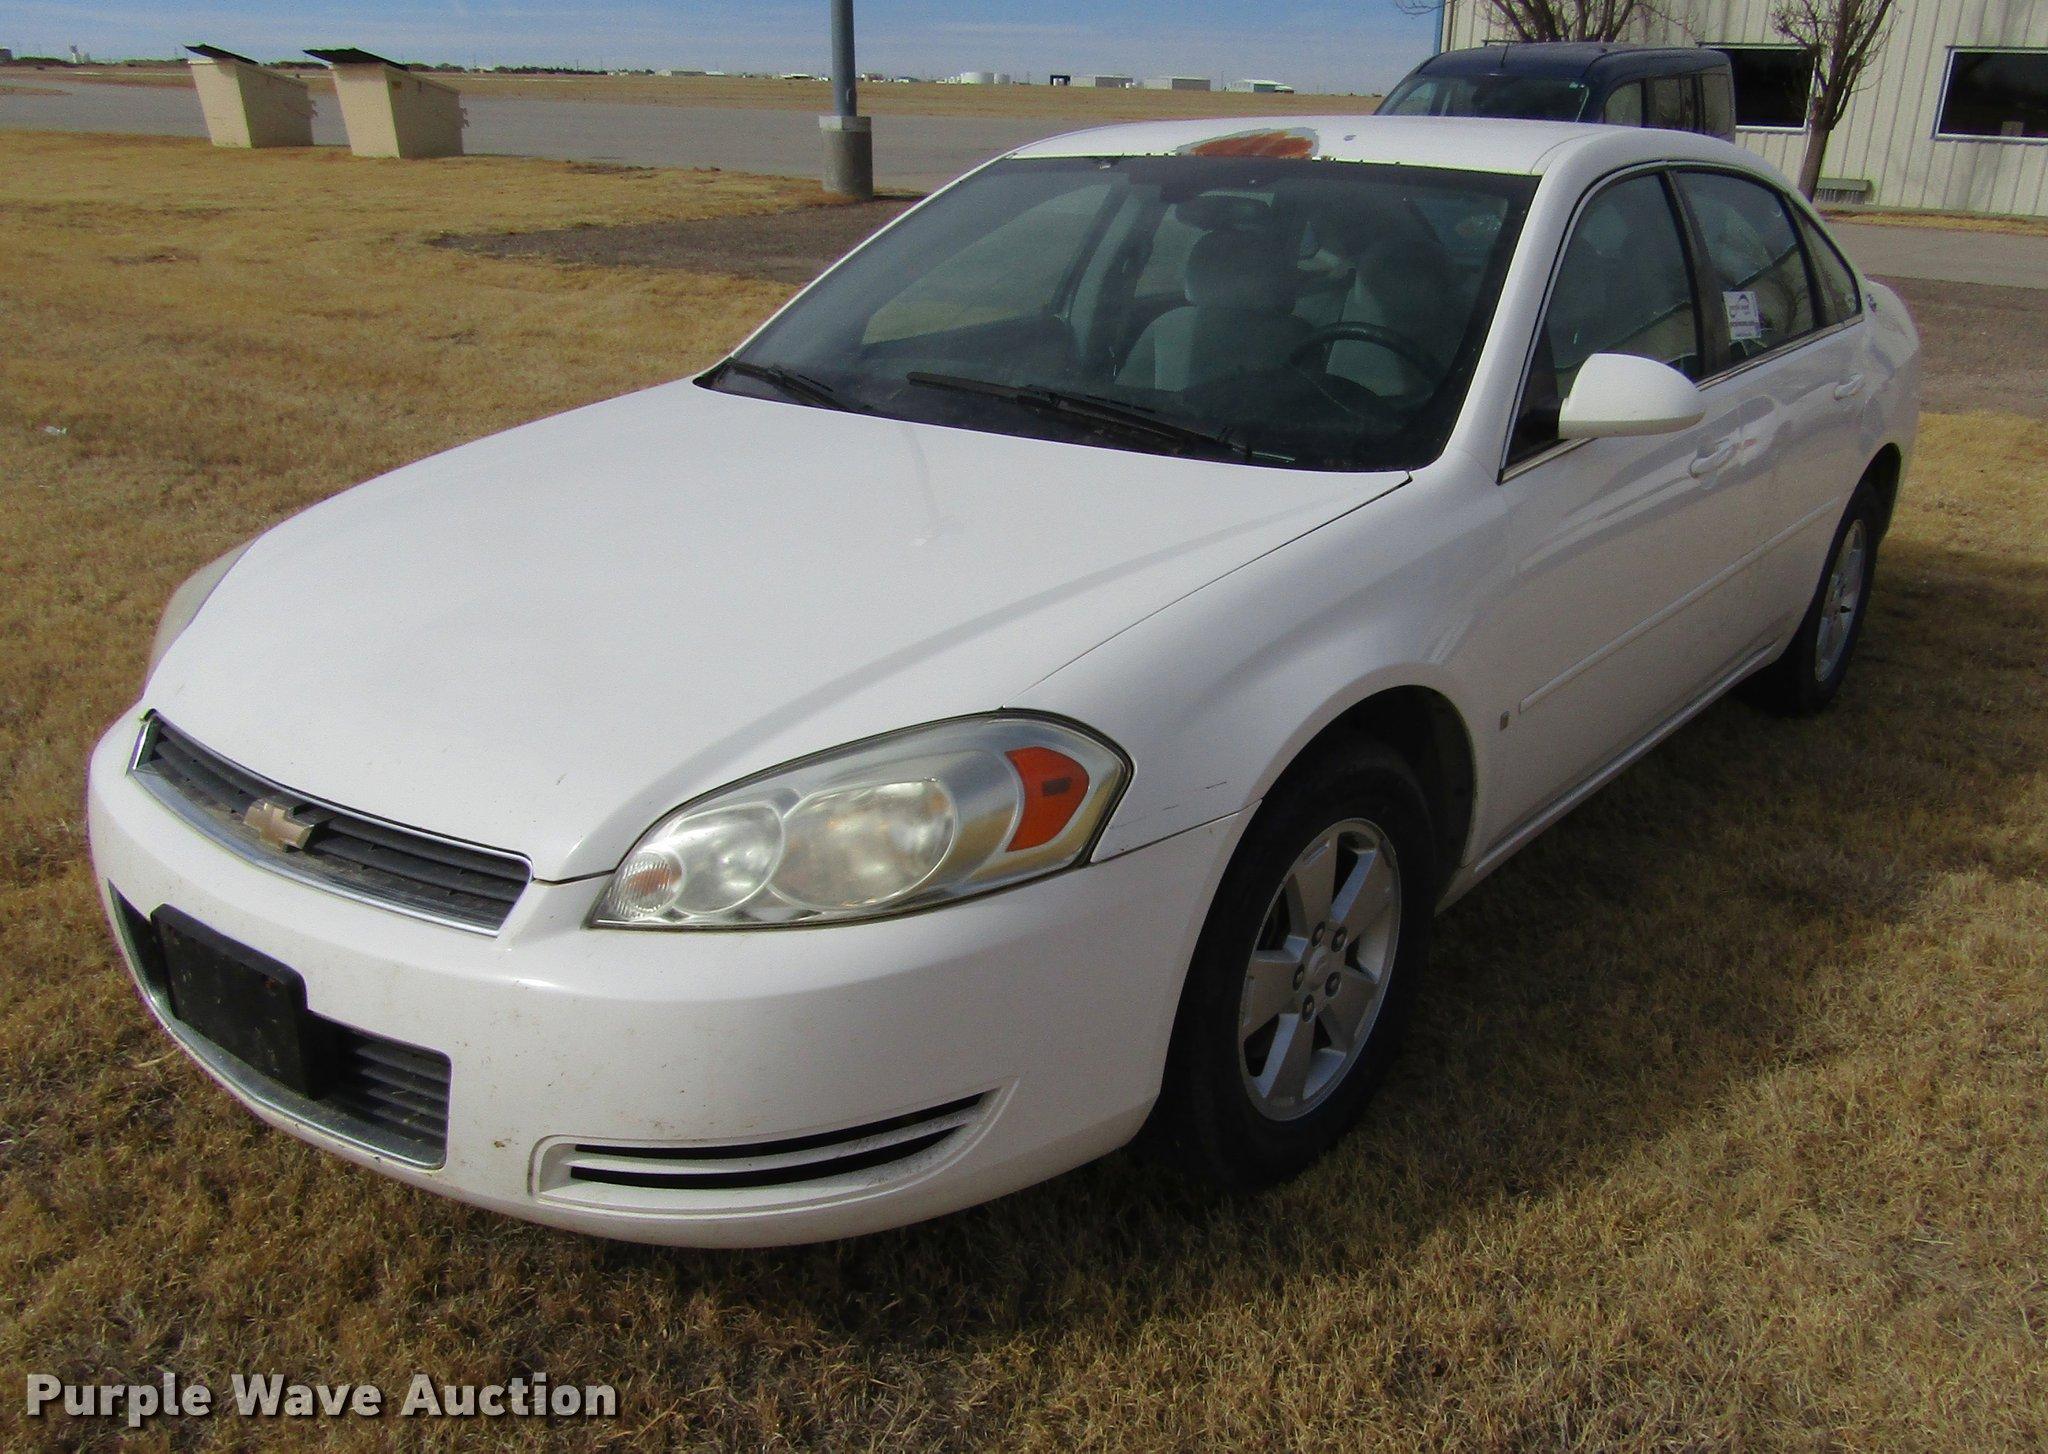 2006 Chevrolet Impala LT Item DE6590